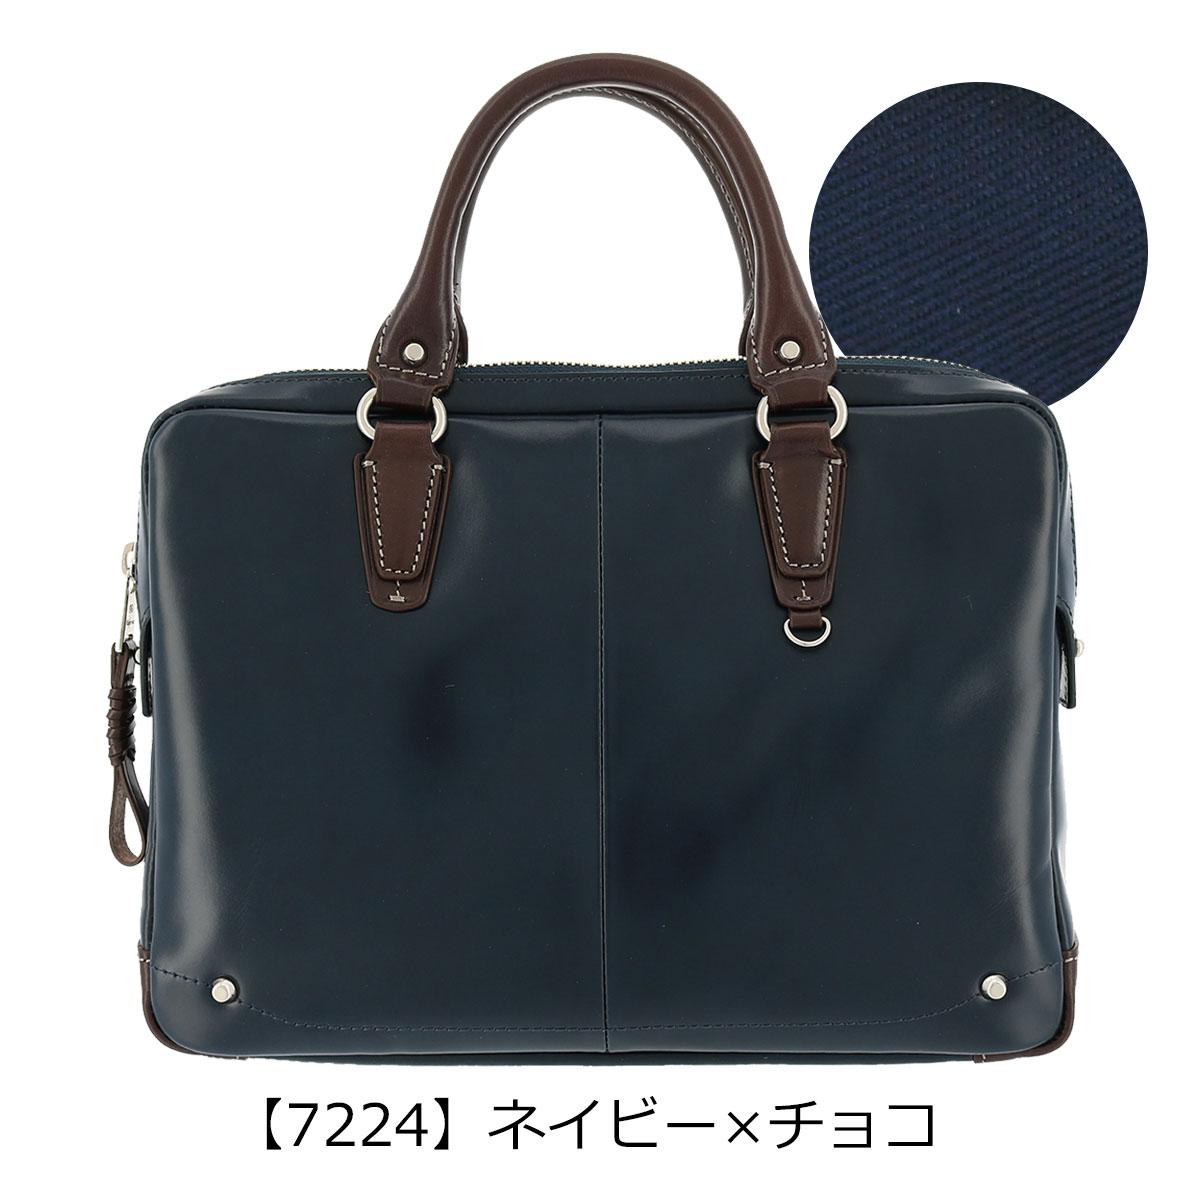 【7224】ネイビー×チョコ